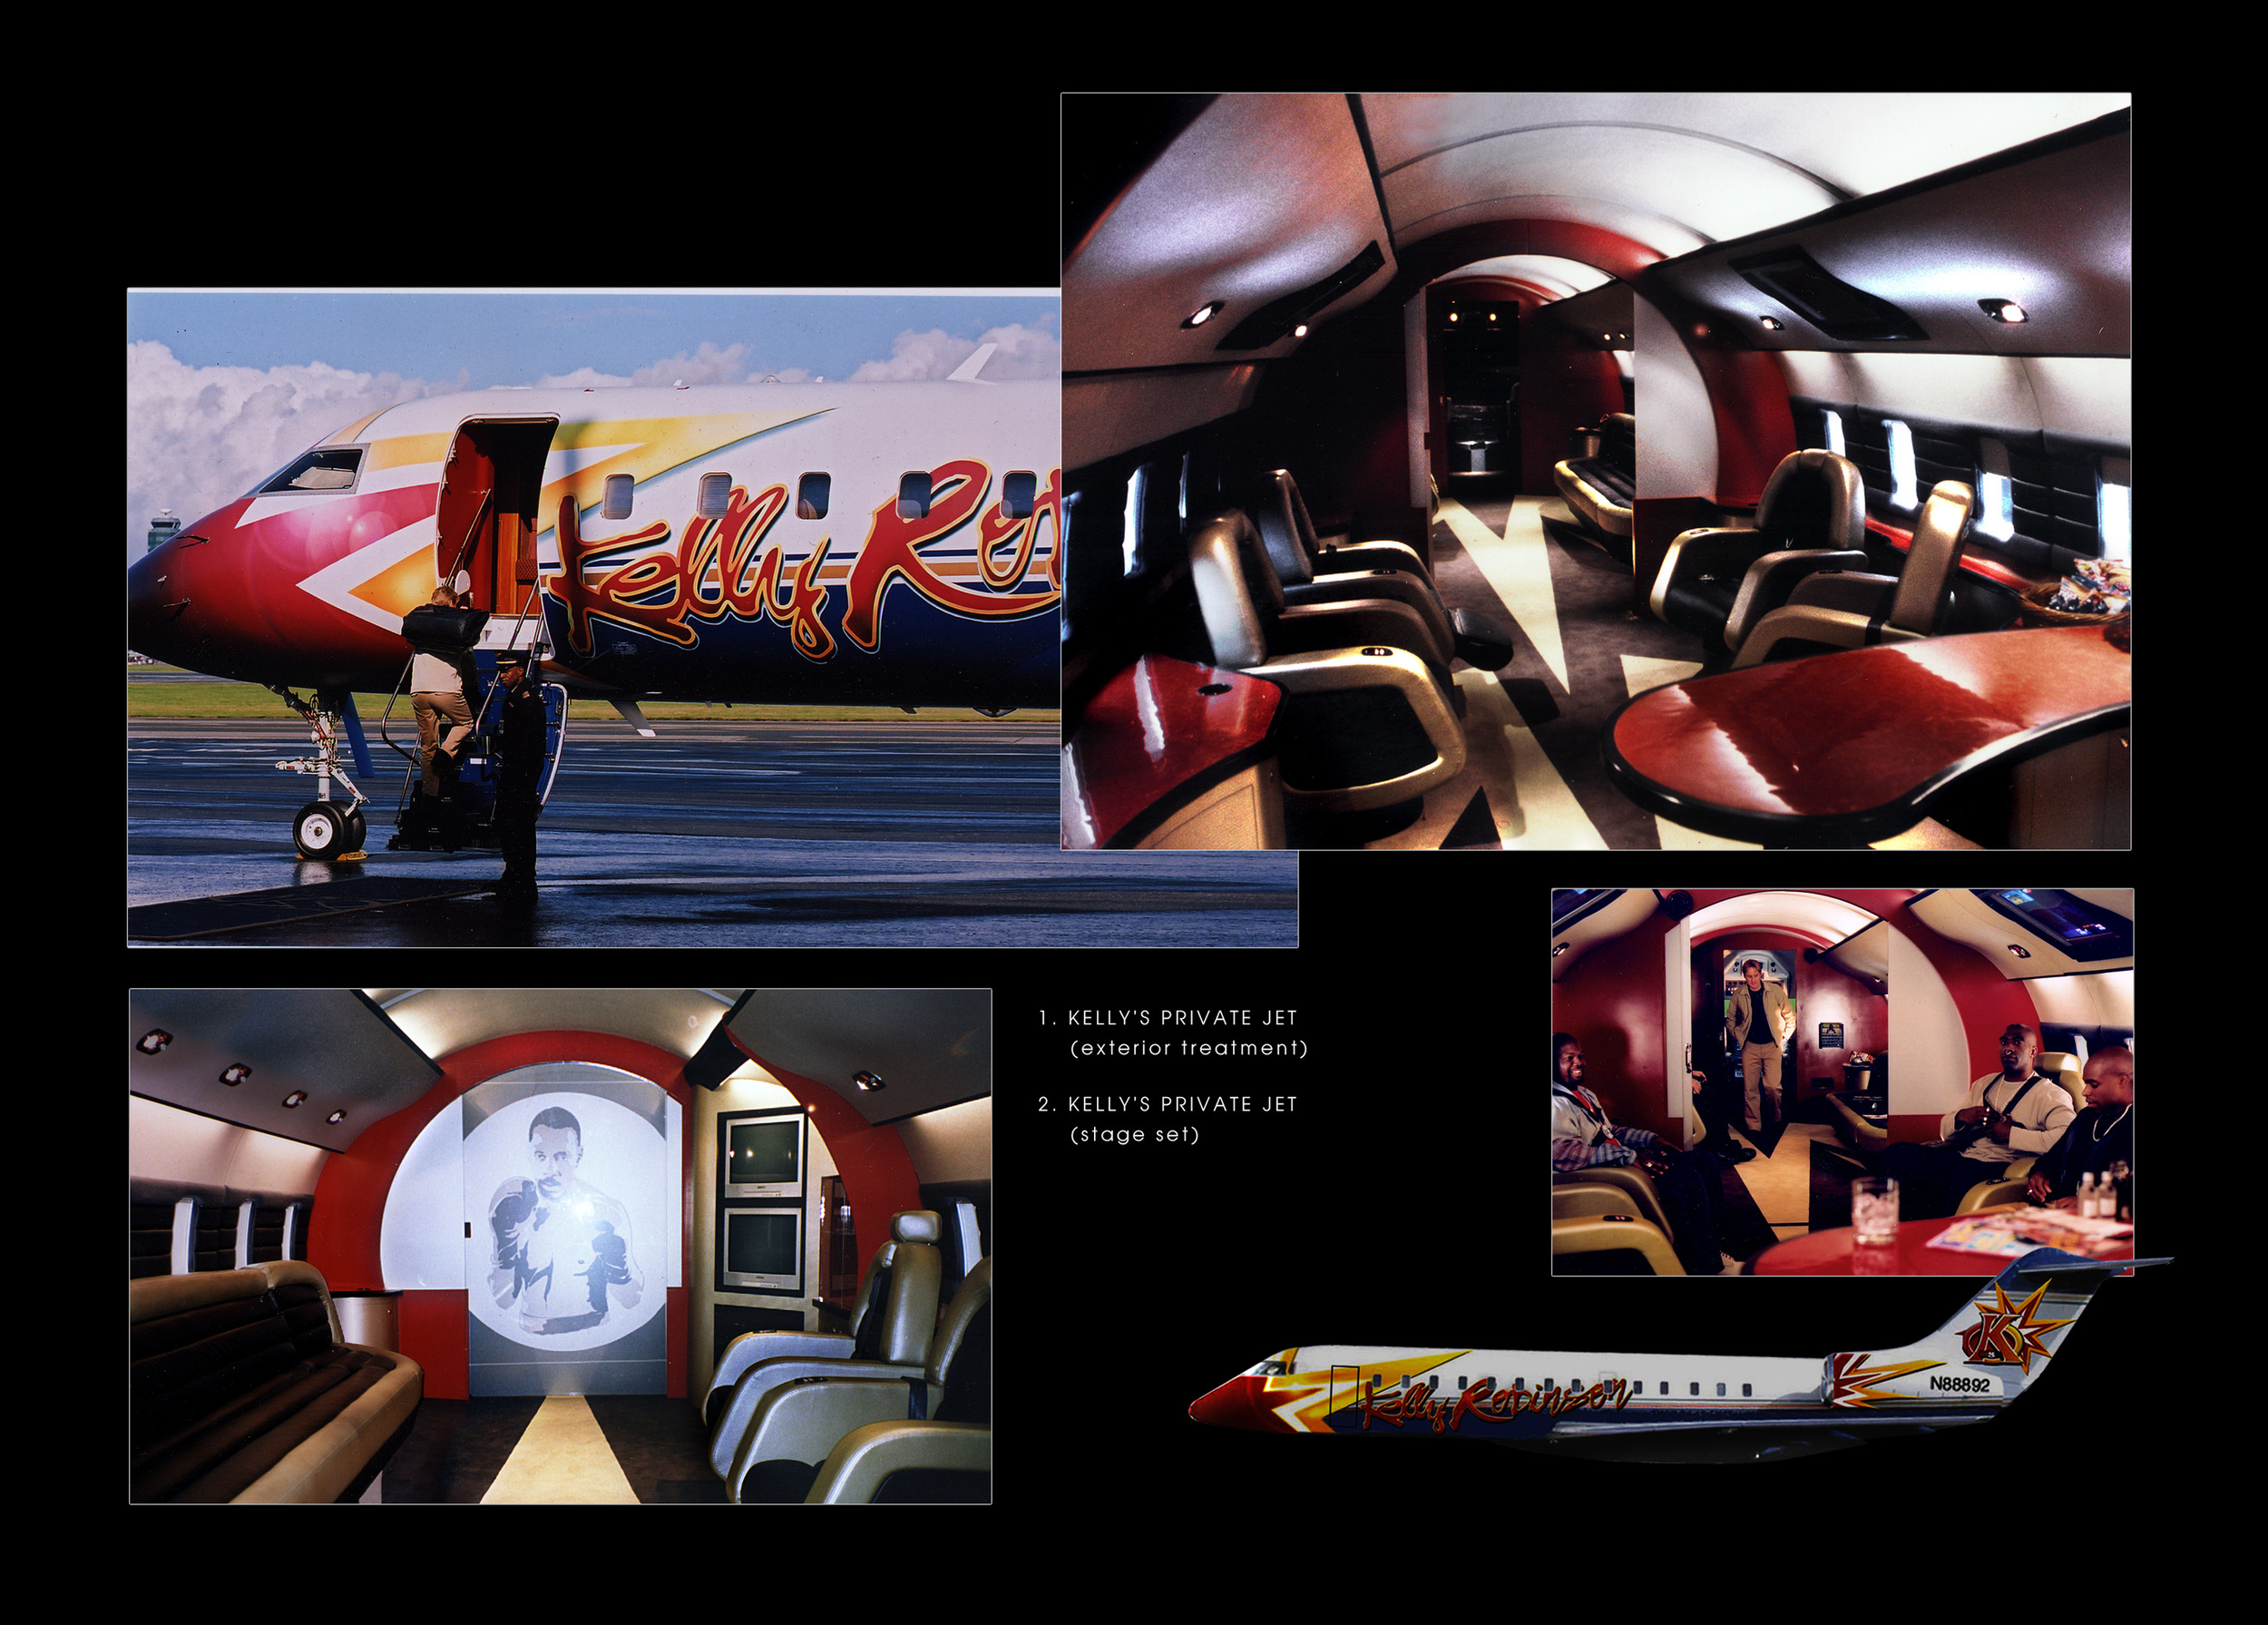 c I Spy 6 plane.jpg